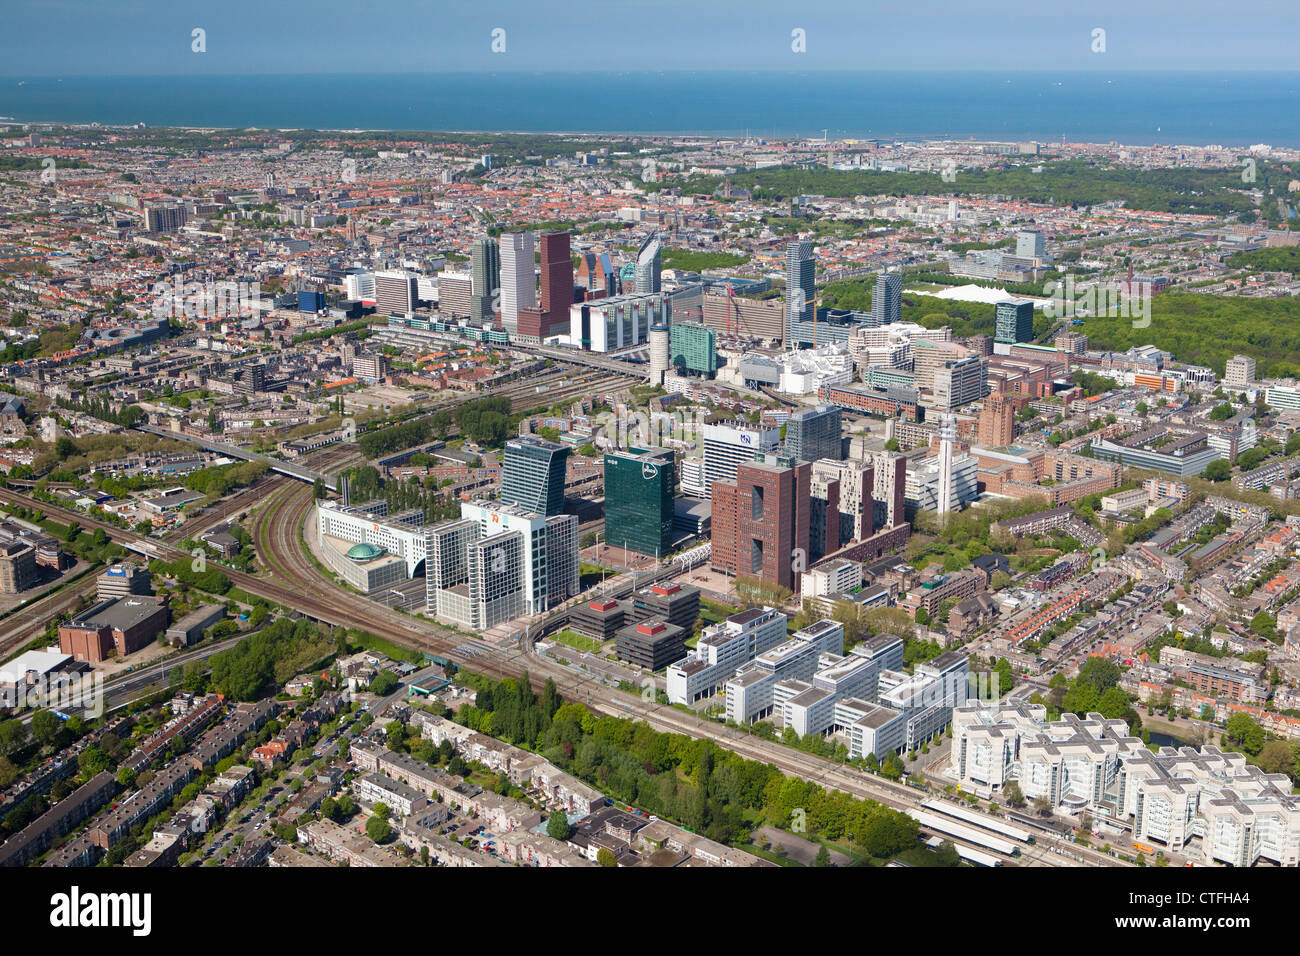 Die Niederlande, Den Haag, den Haag, Luftbild des modernen Den Haag. Stockbild